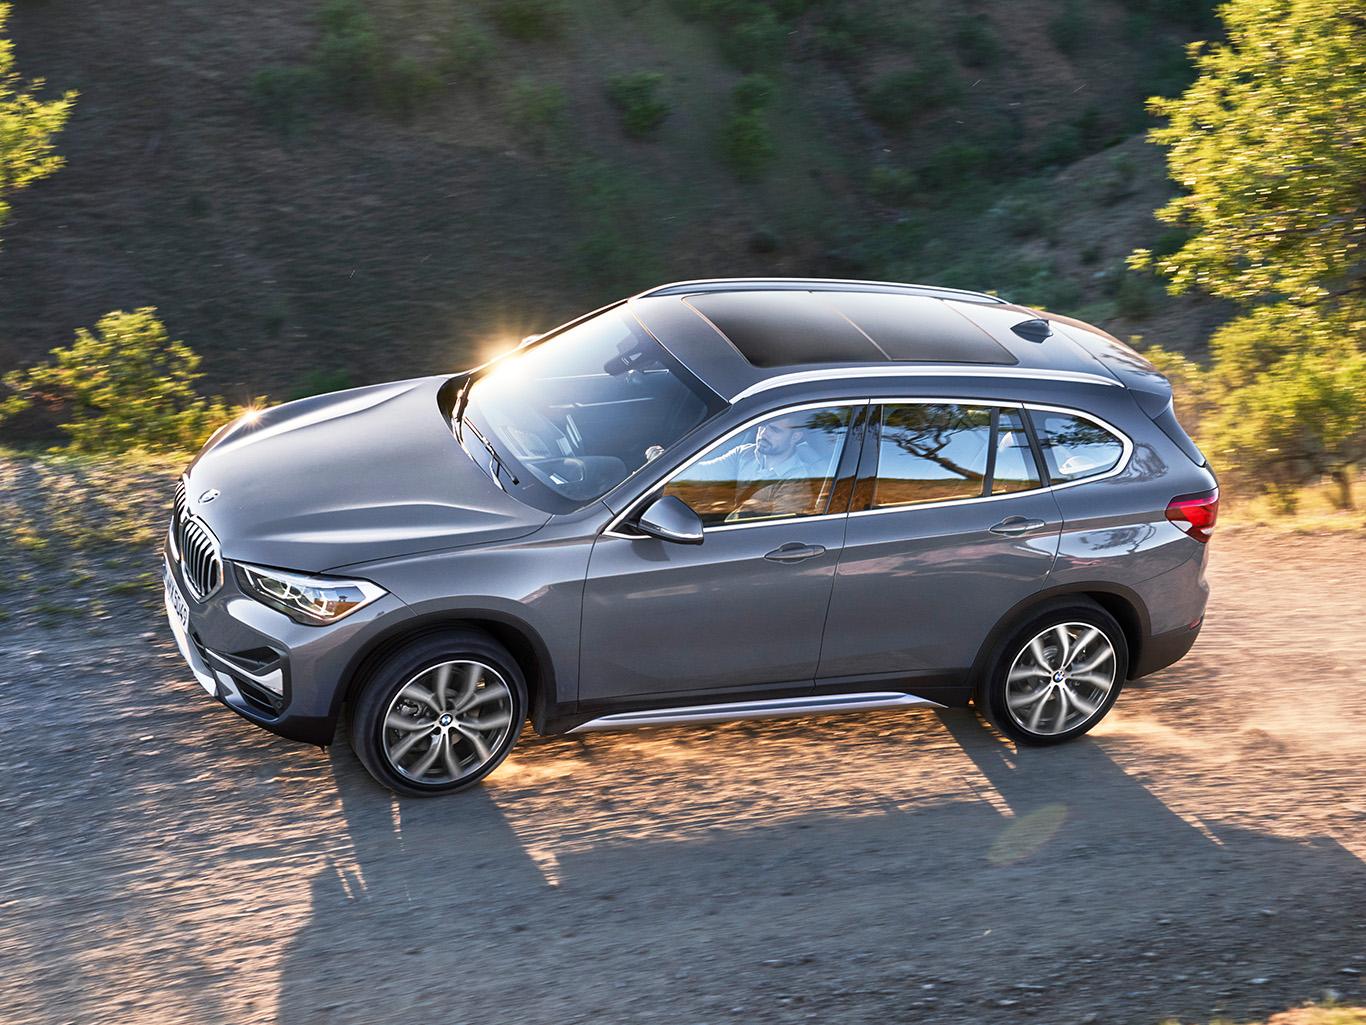 BMW X1 Facelift 2019 - Oder doch lieber der VW Tiguan? - Site